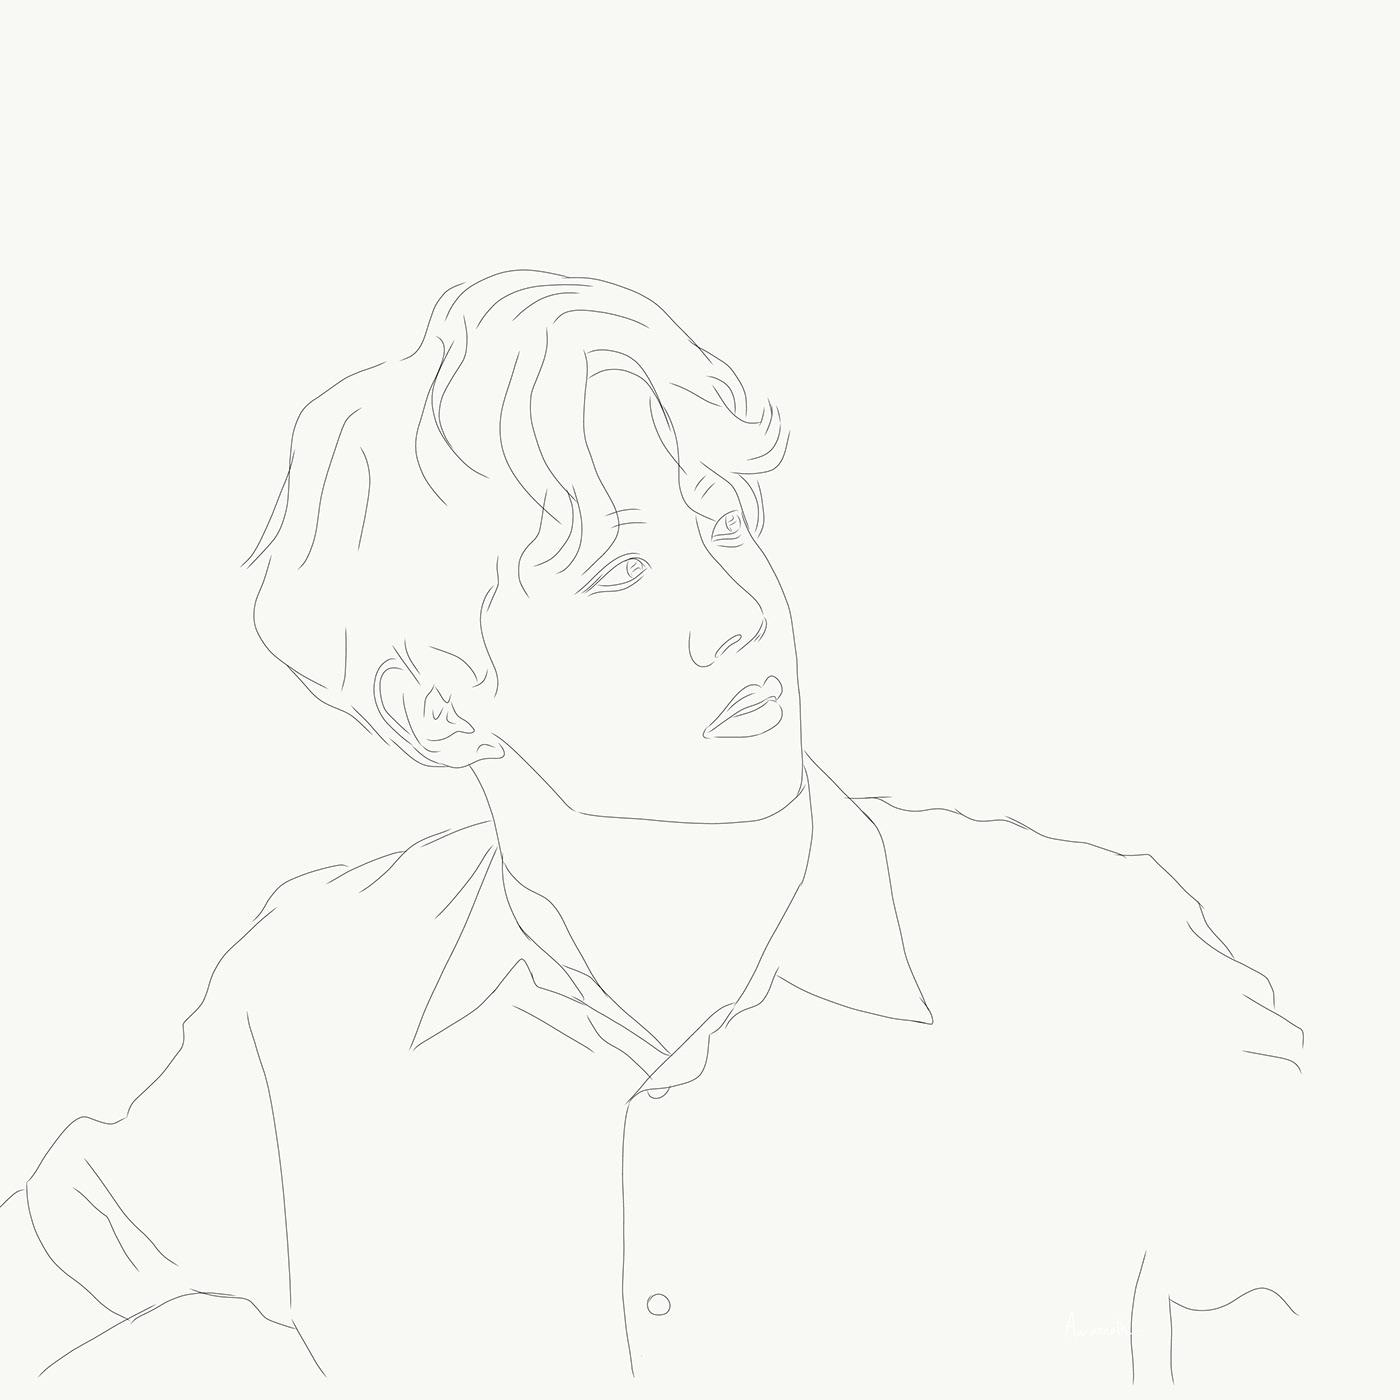 #adobeillustratordraw #blending #BTS #Creative #DigitalArt #illustration